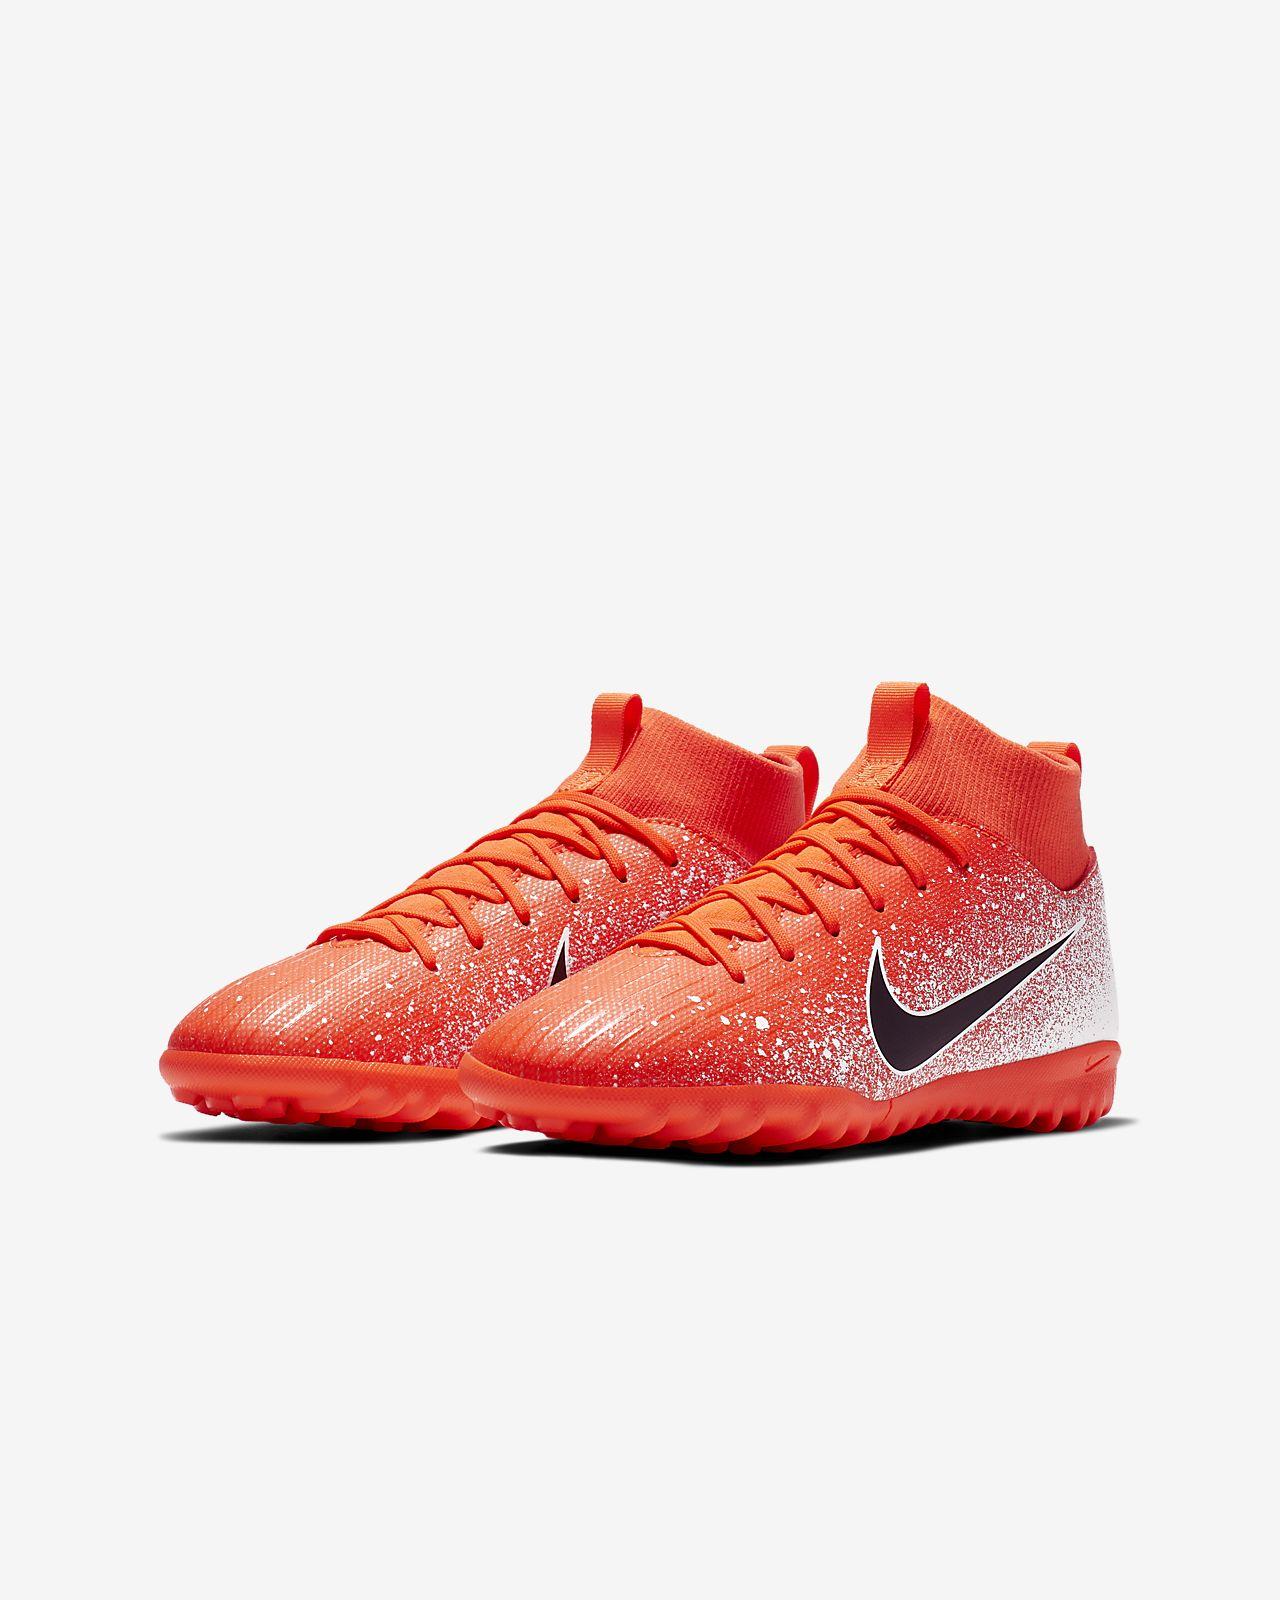 Football Nike Academy Synthétique 6 De Pour Enfantenfant Surface Chaussure Jeune JrMercurial Âgé Tf Plus Superfly OPkuZXi